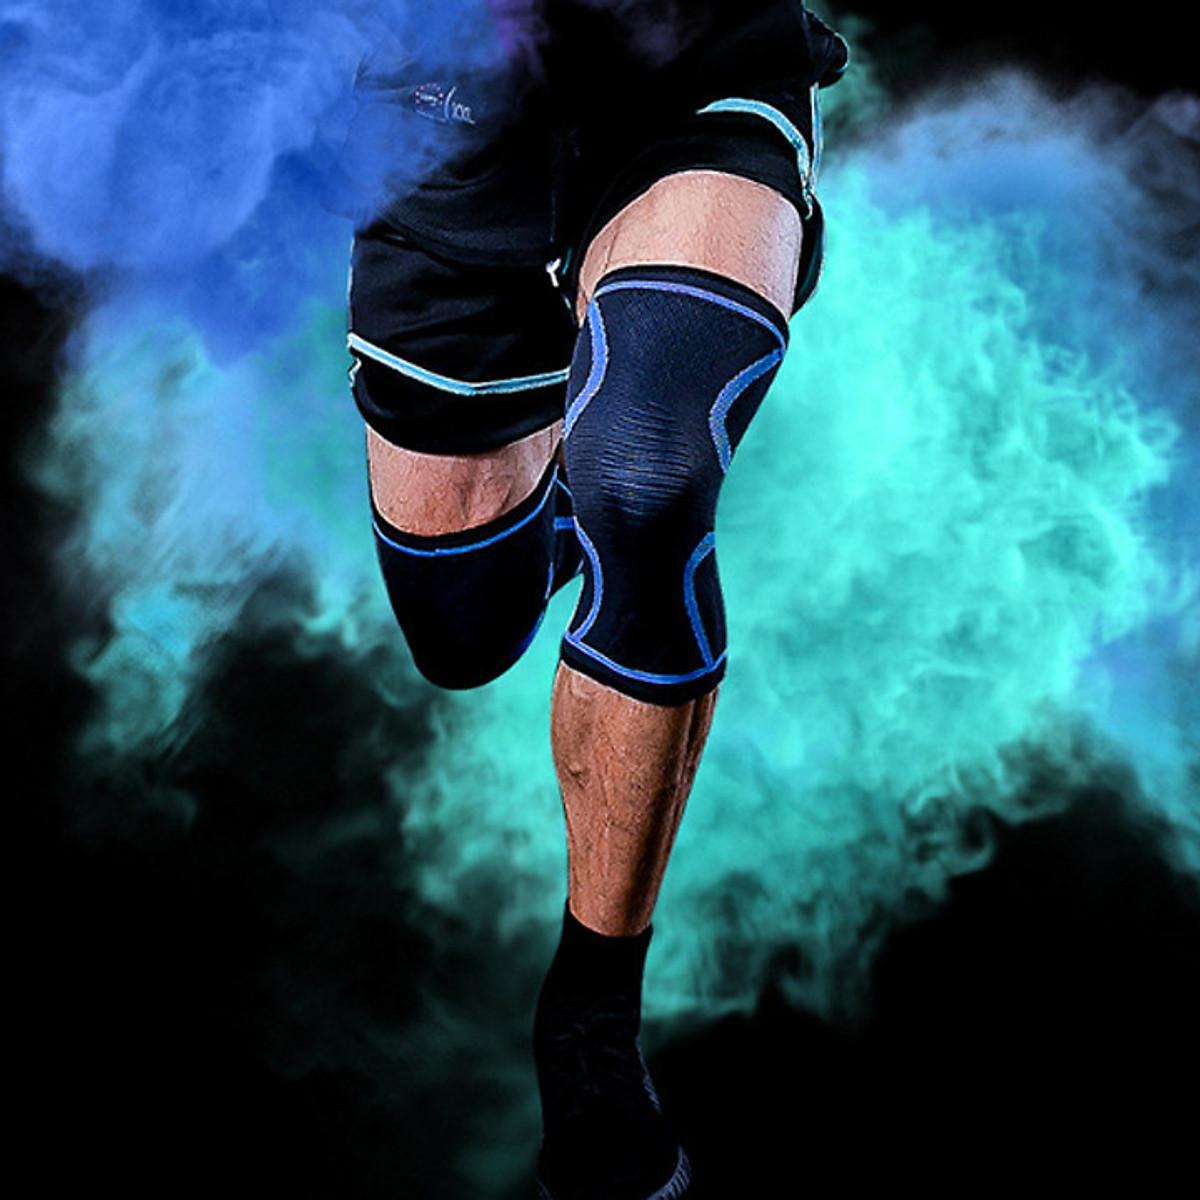 Đai bó gối đàn hồi bảo vệ đầu gối khi chơi thể thao 1 đôi